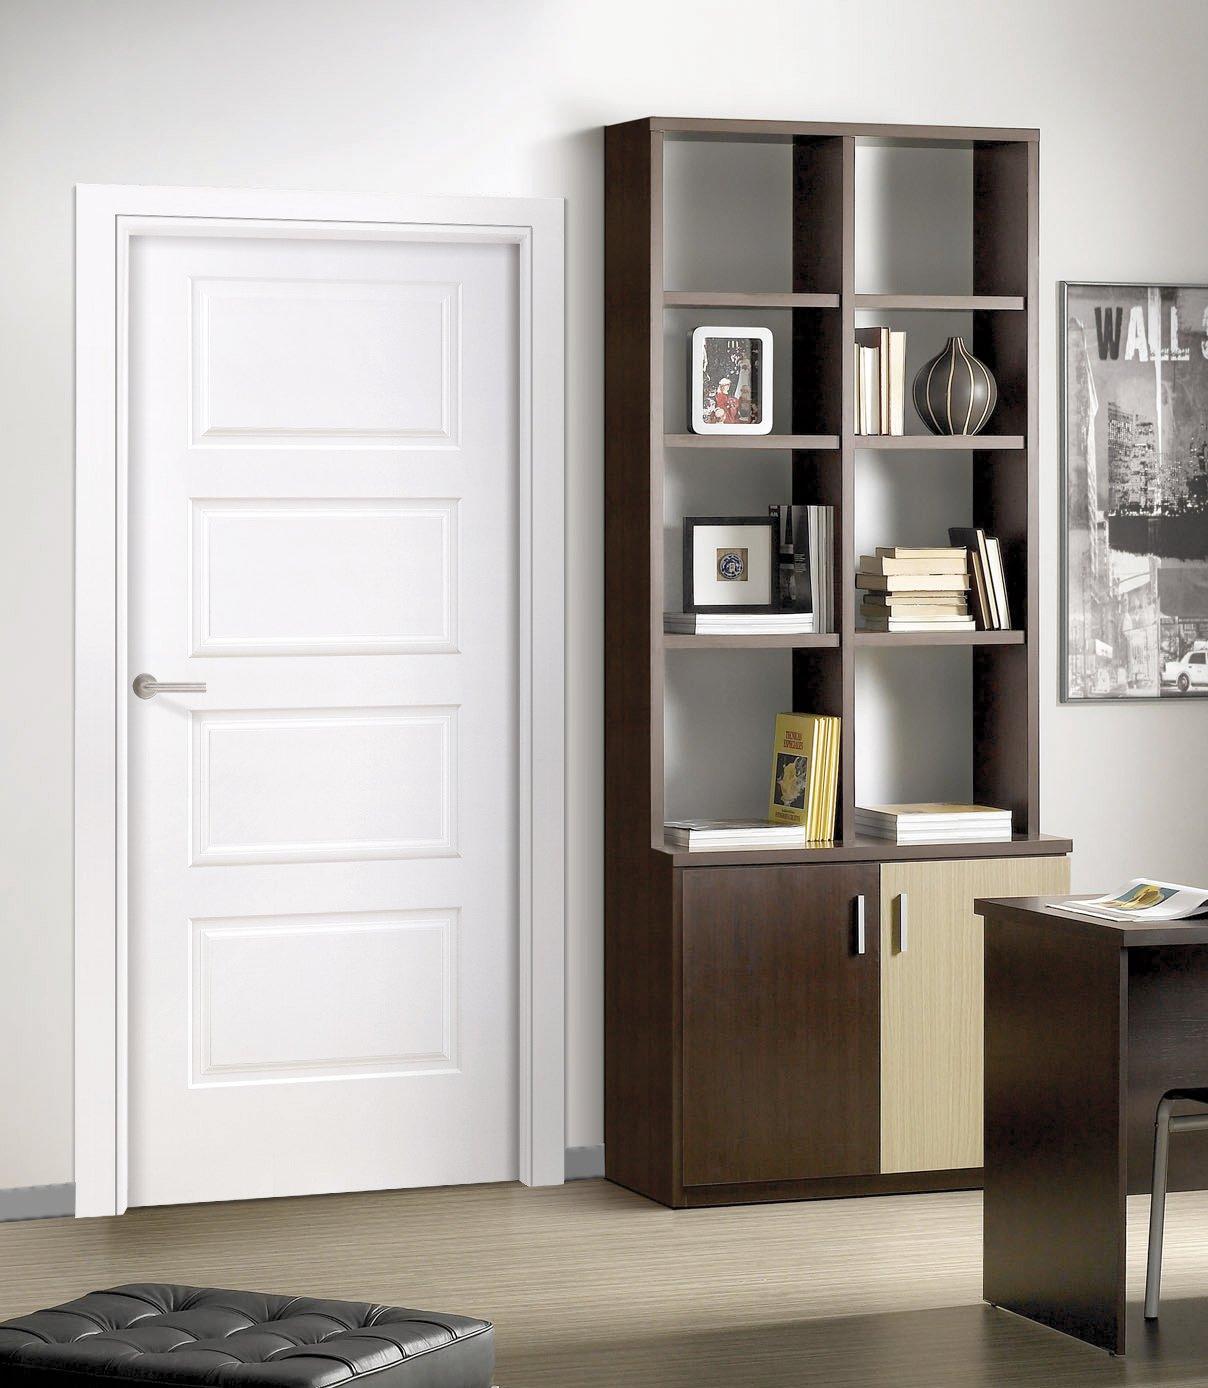 Puertas lacadas en blanco trendy puertas lacadas en - Puertas lacadas blancas ...